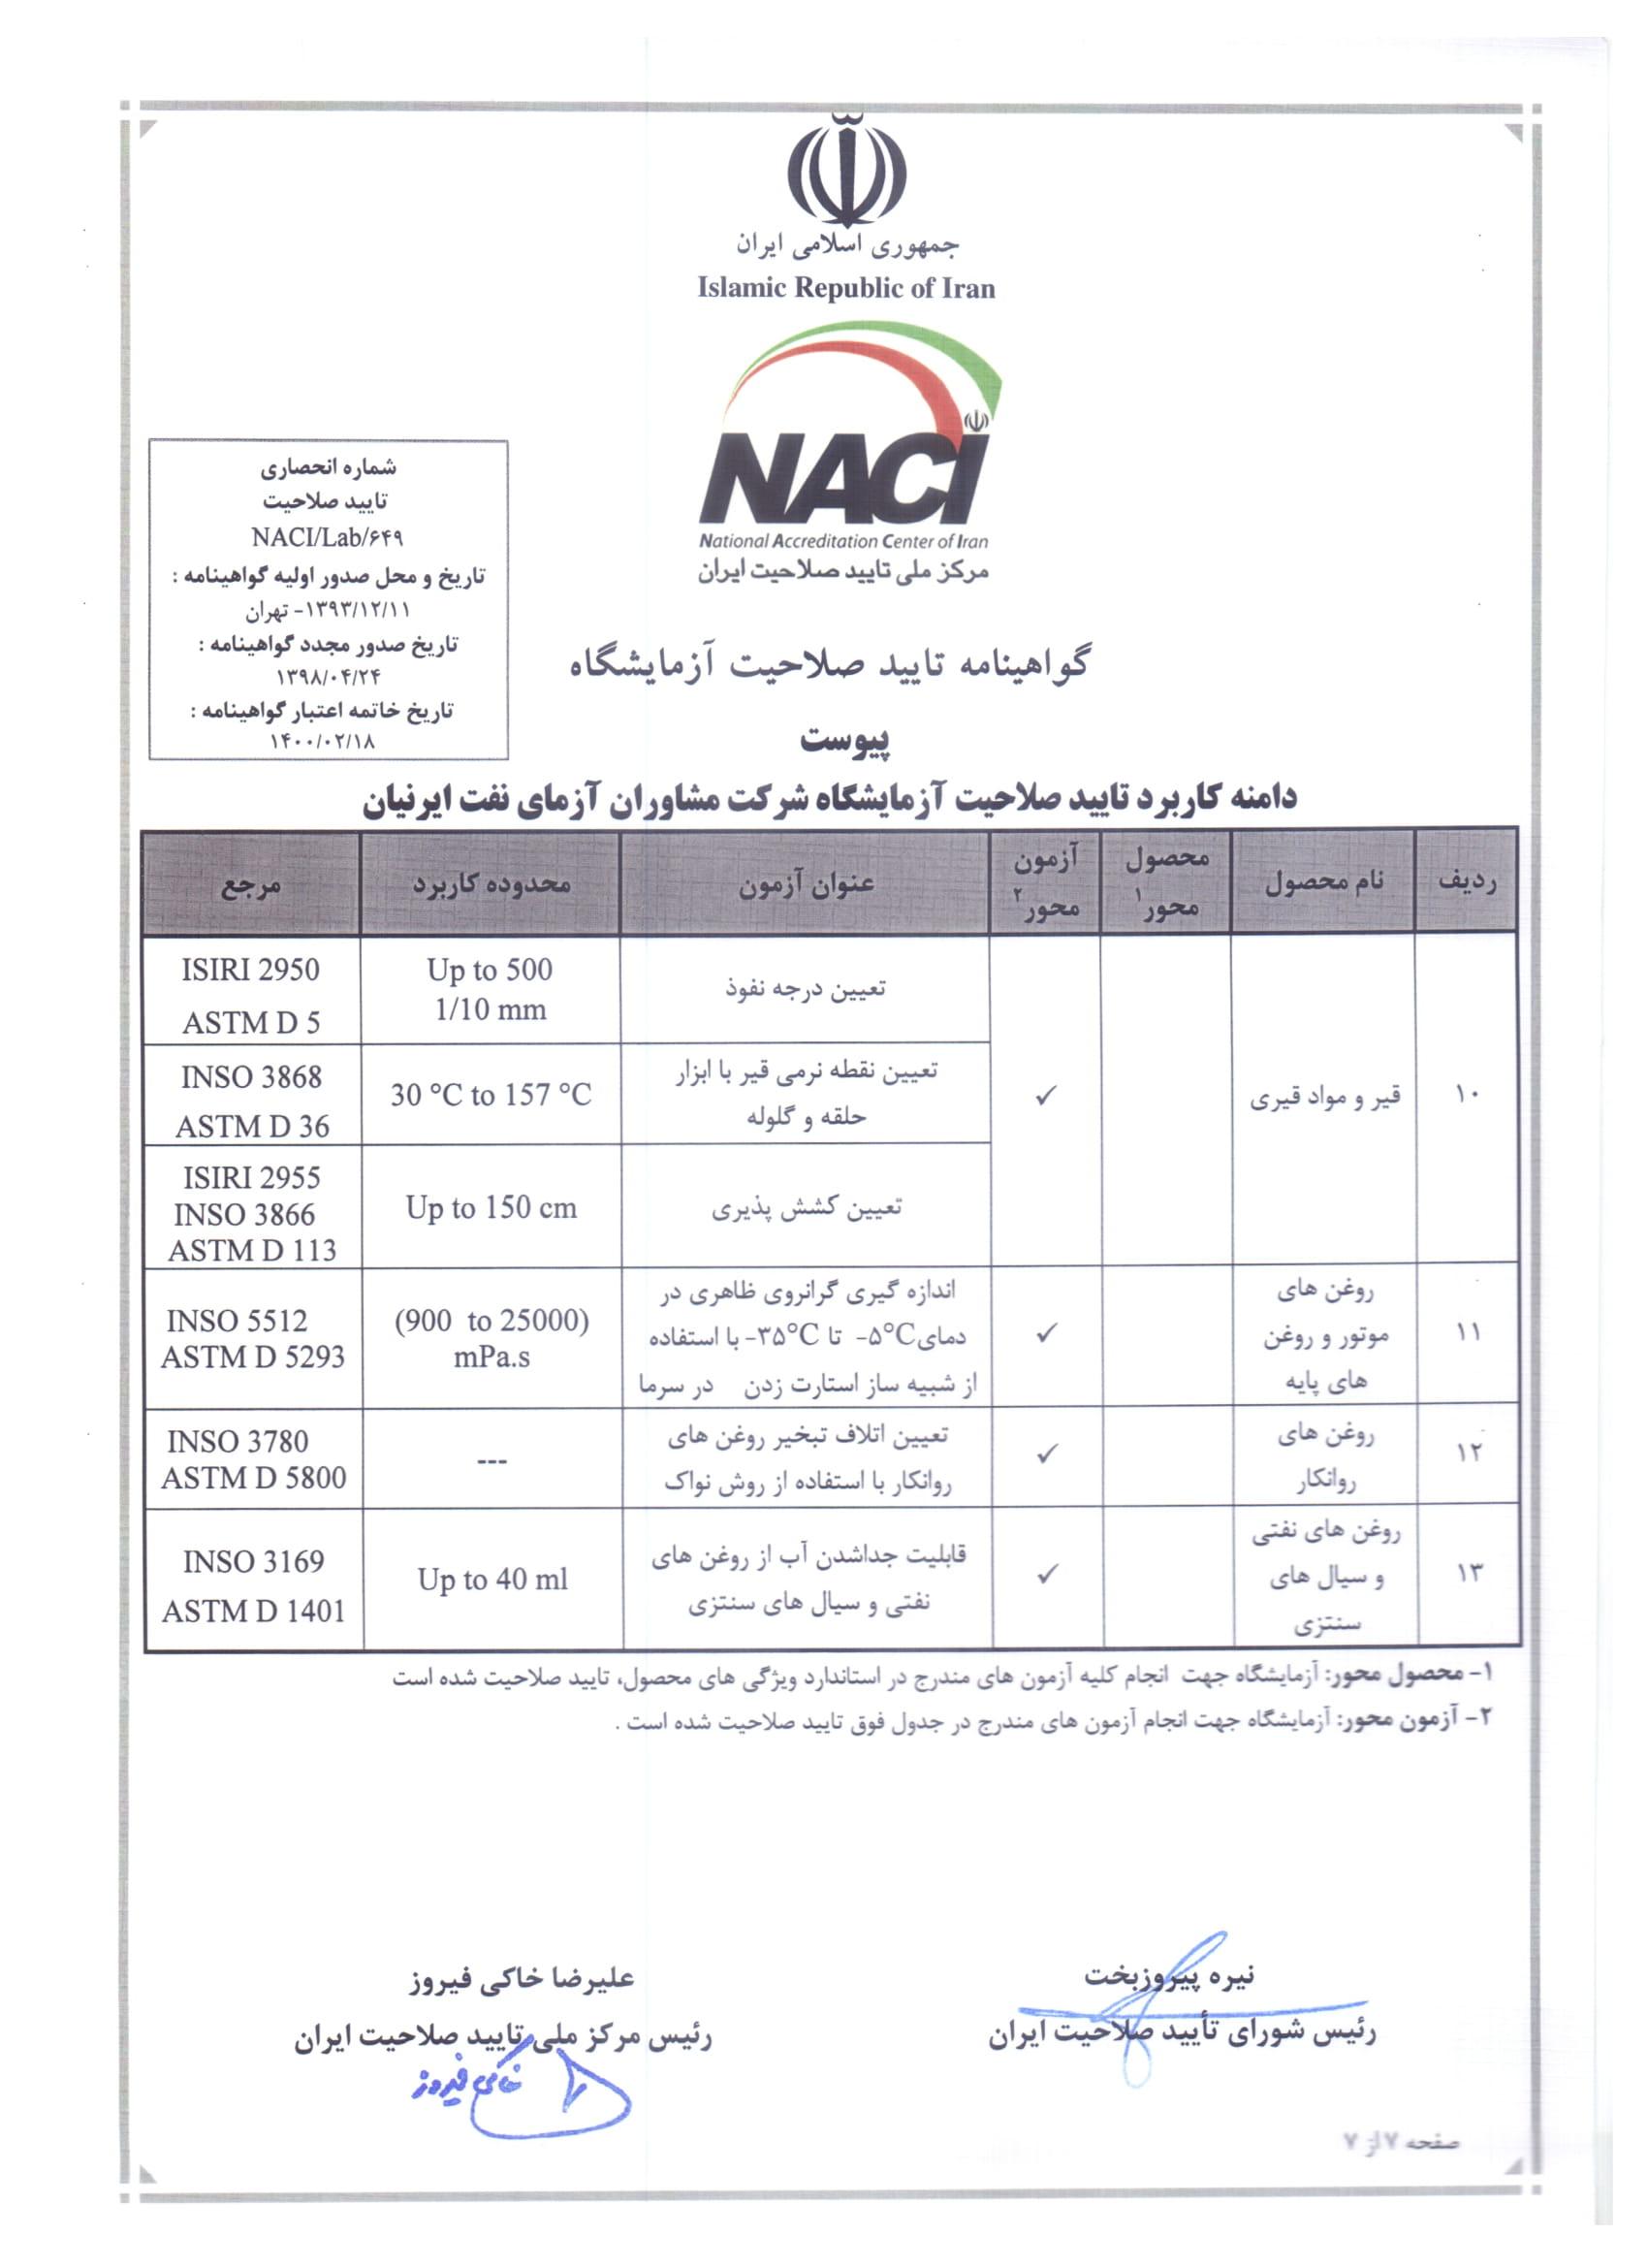 تایید صلاحیت آزمایشگاه (ISO/IEC17025)